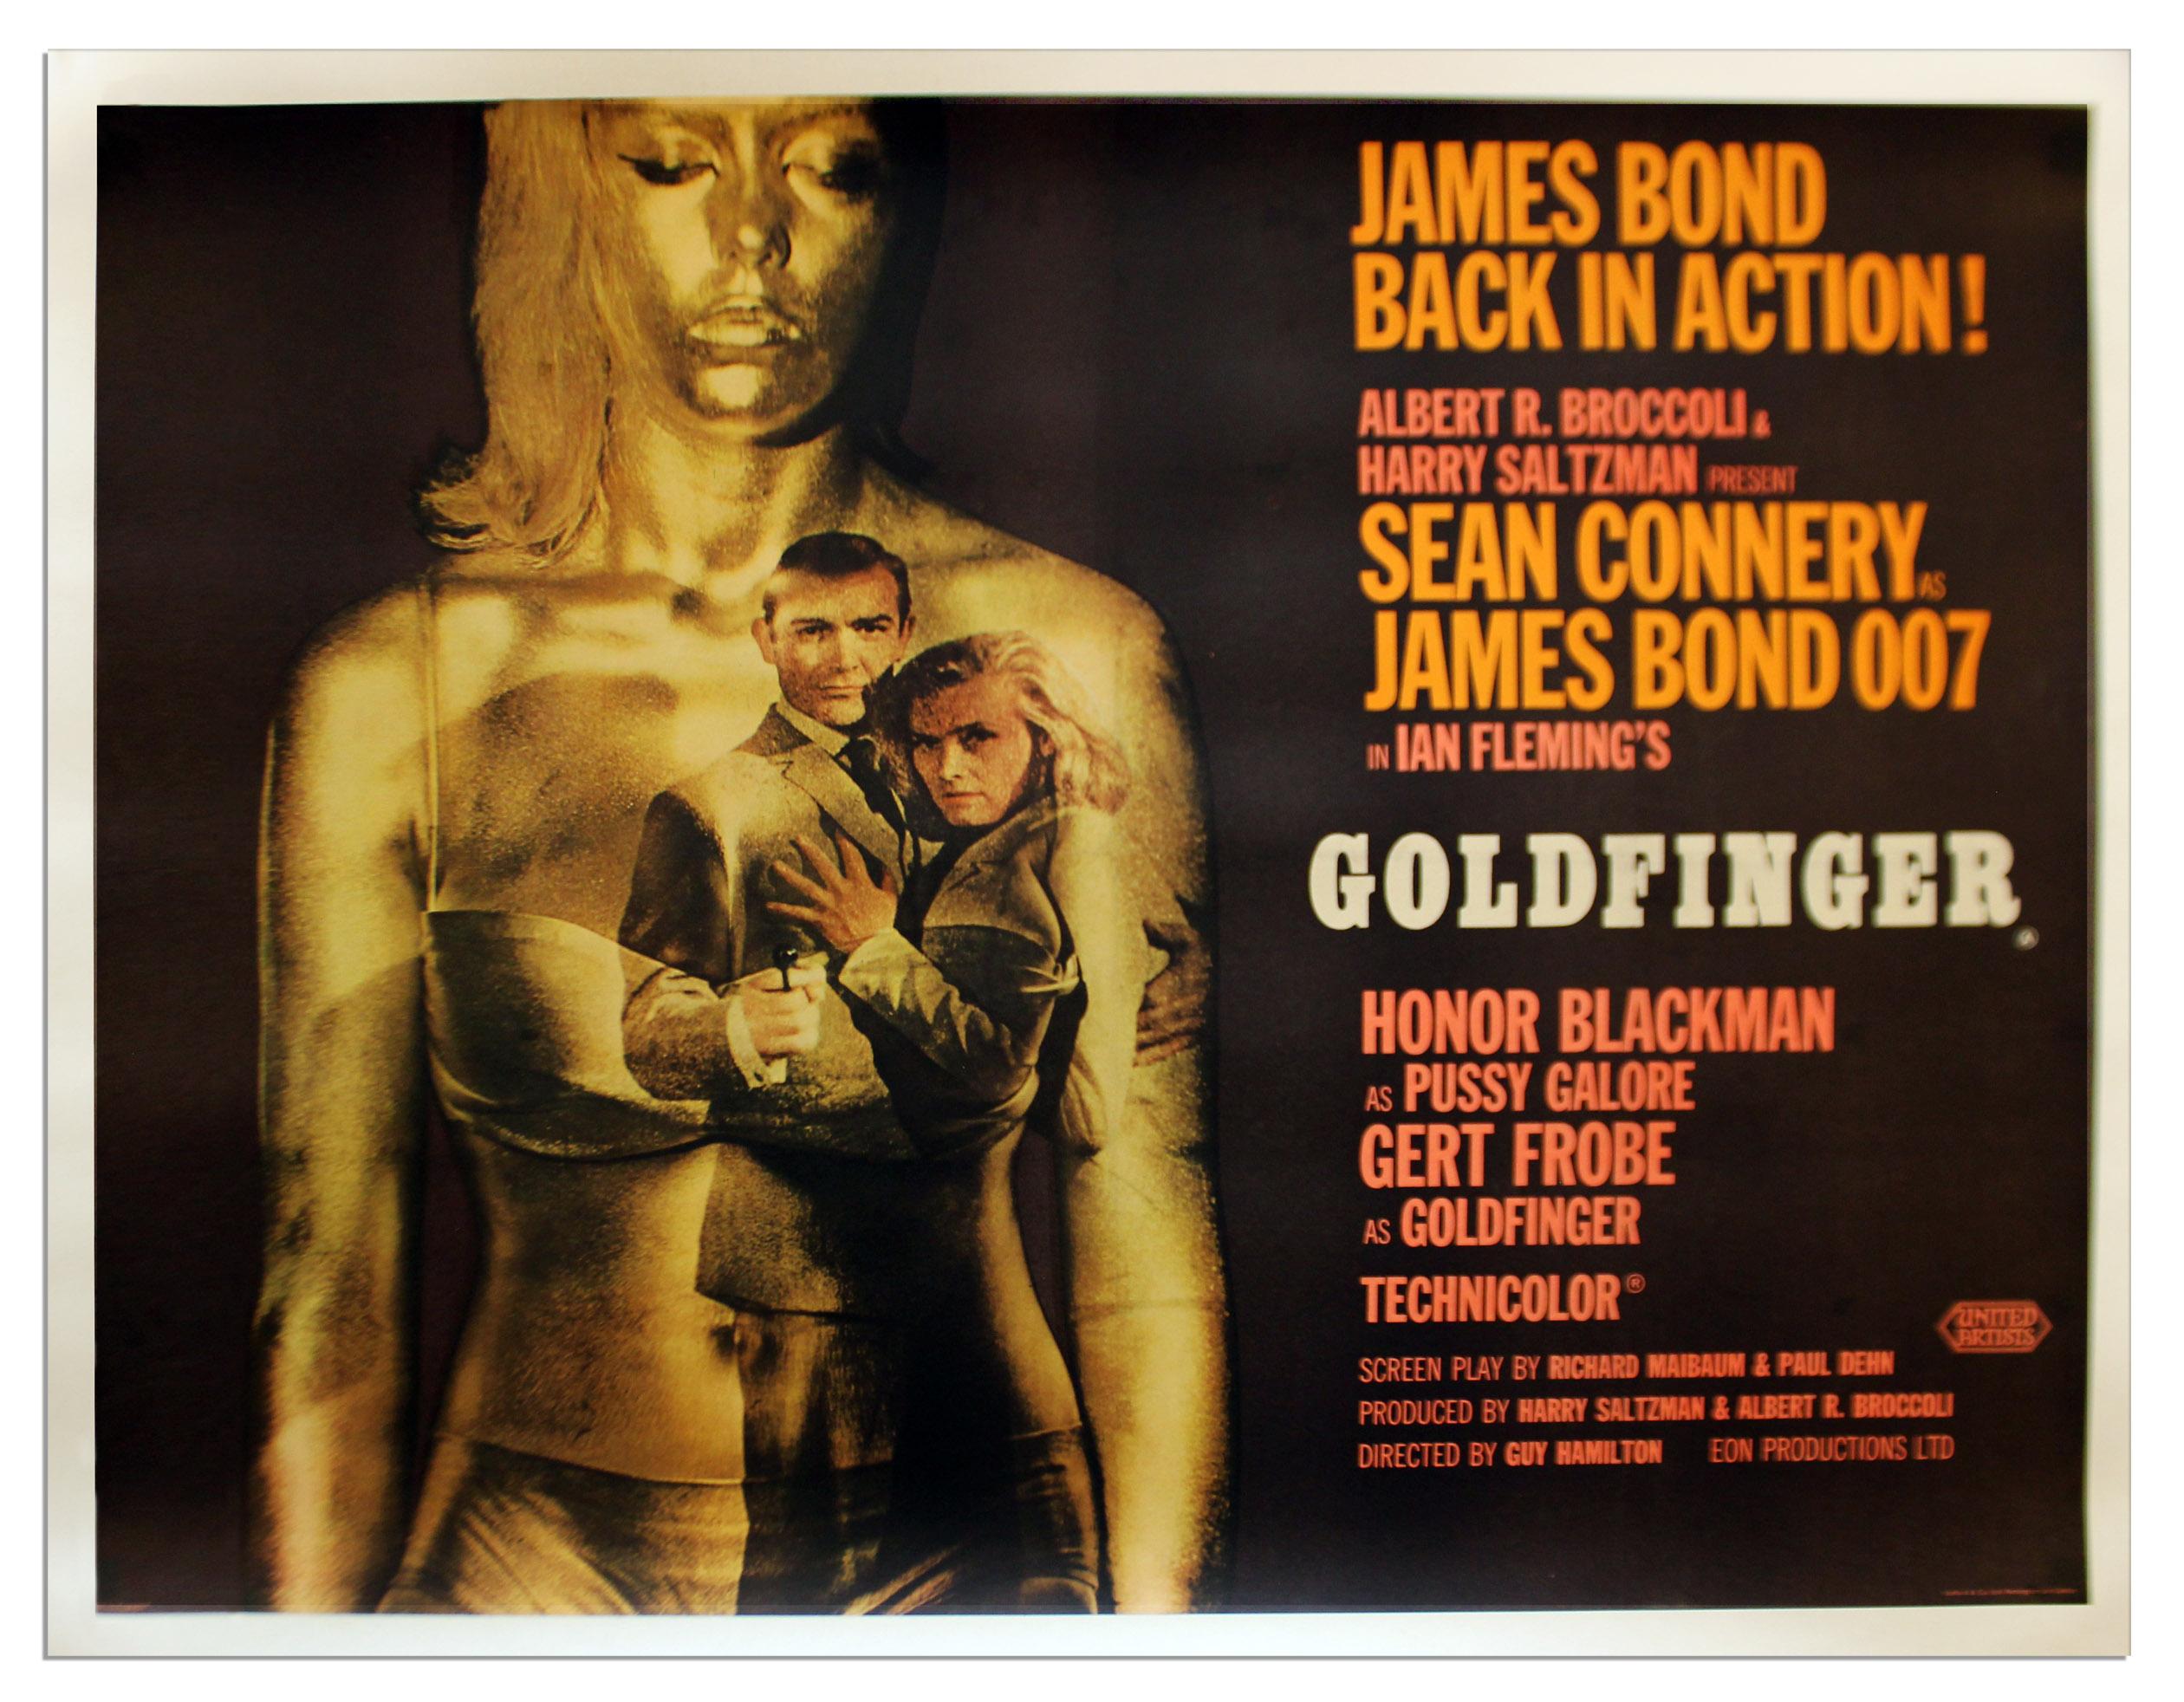 James Bond Memorabilia Auction Sells Pierce Brosnan Suit For 25k